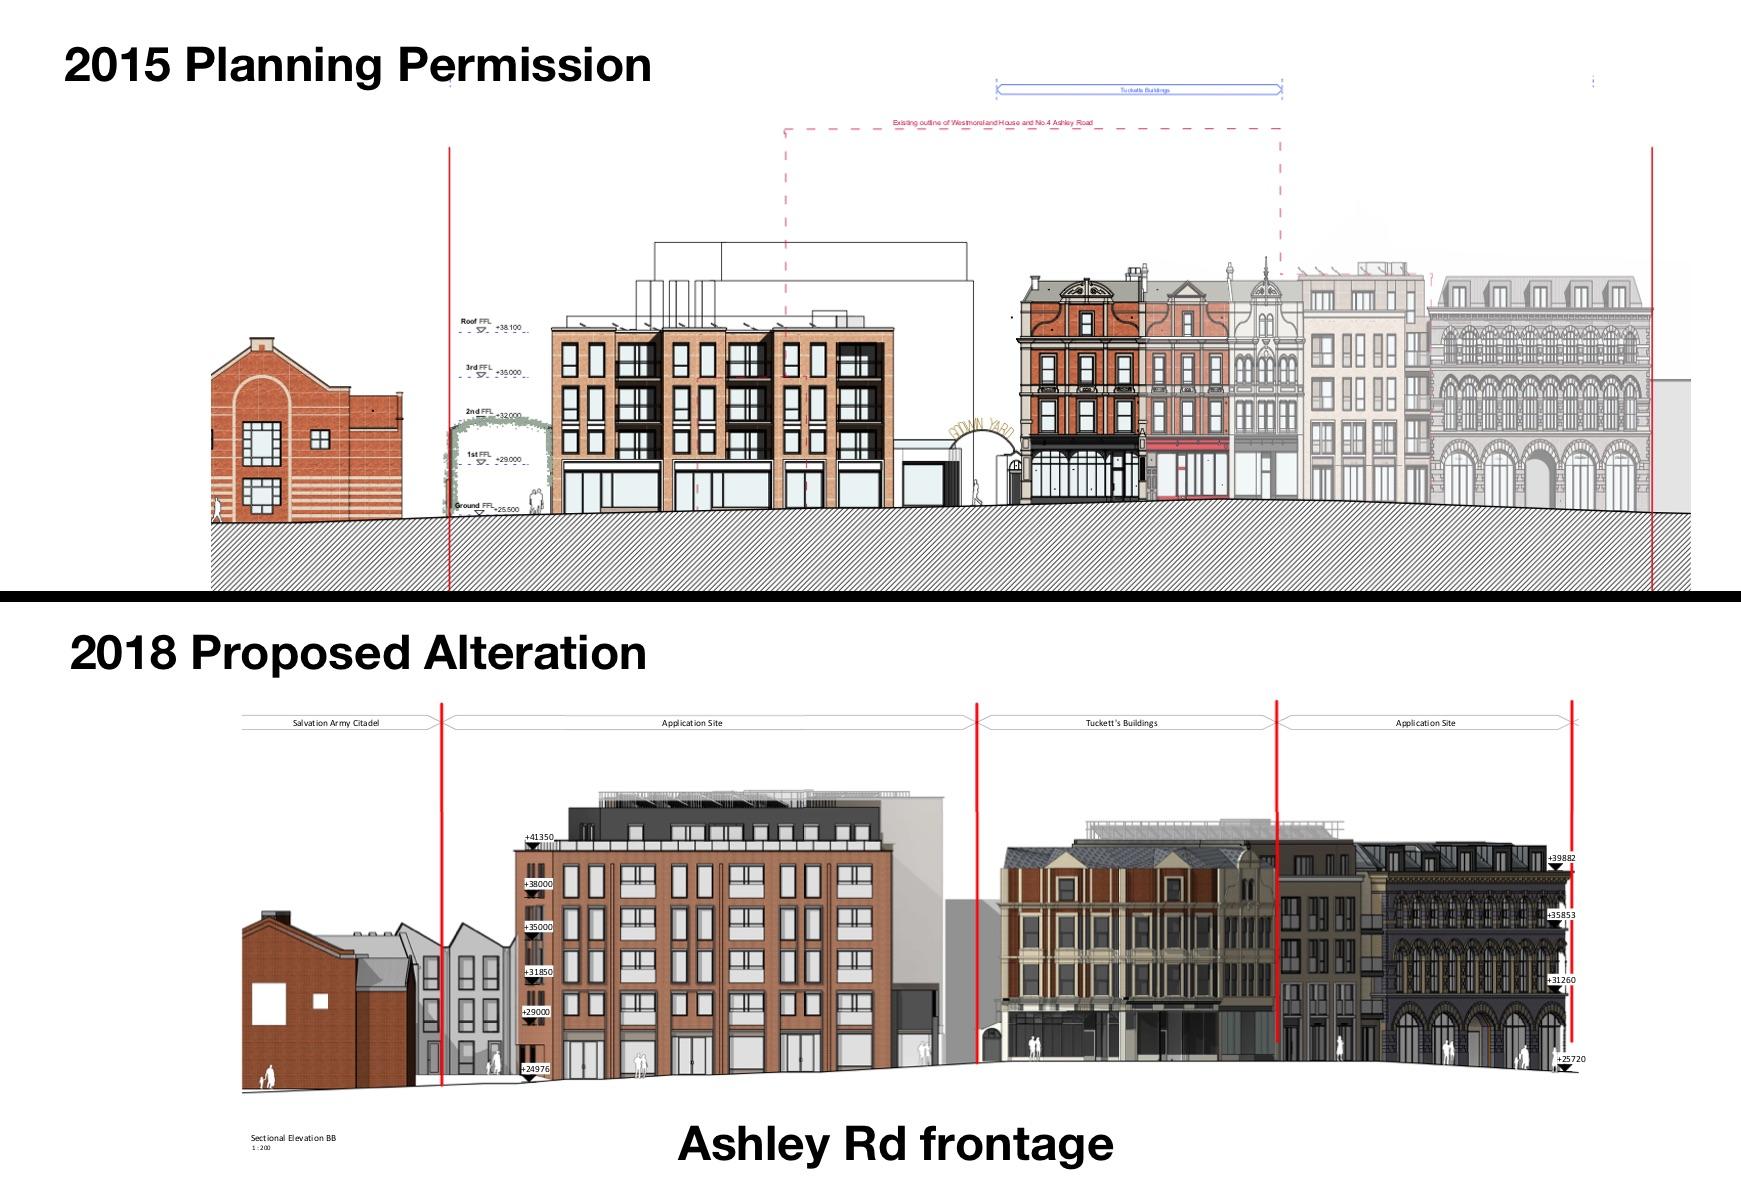 BB ashley rd comparison.jpg